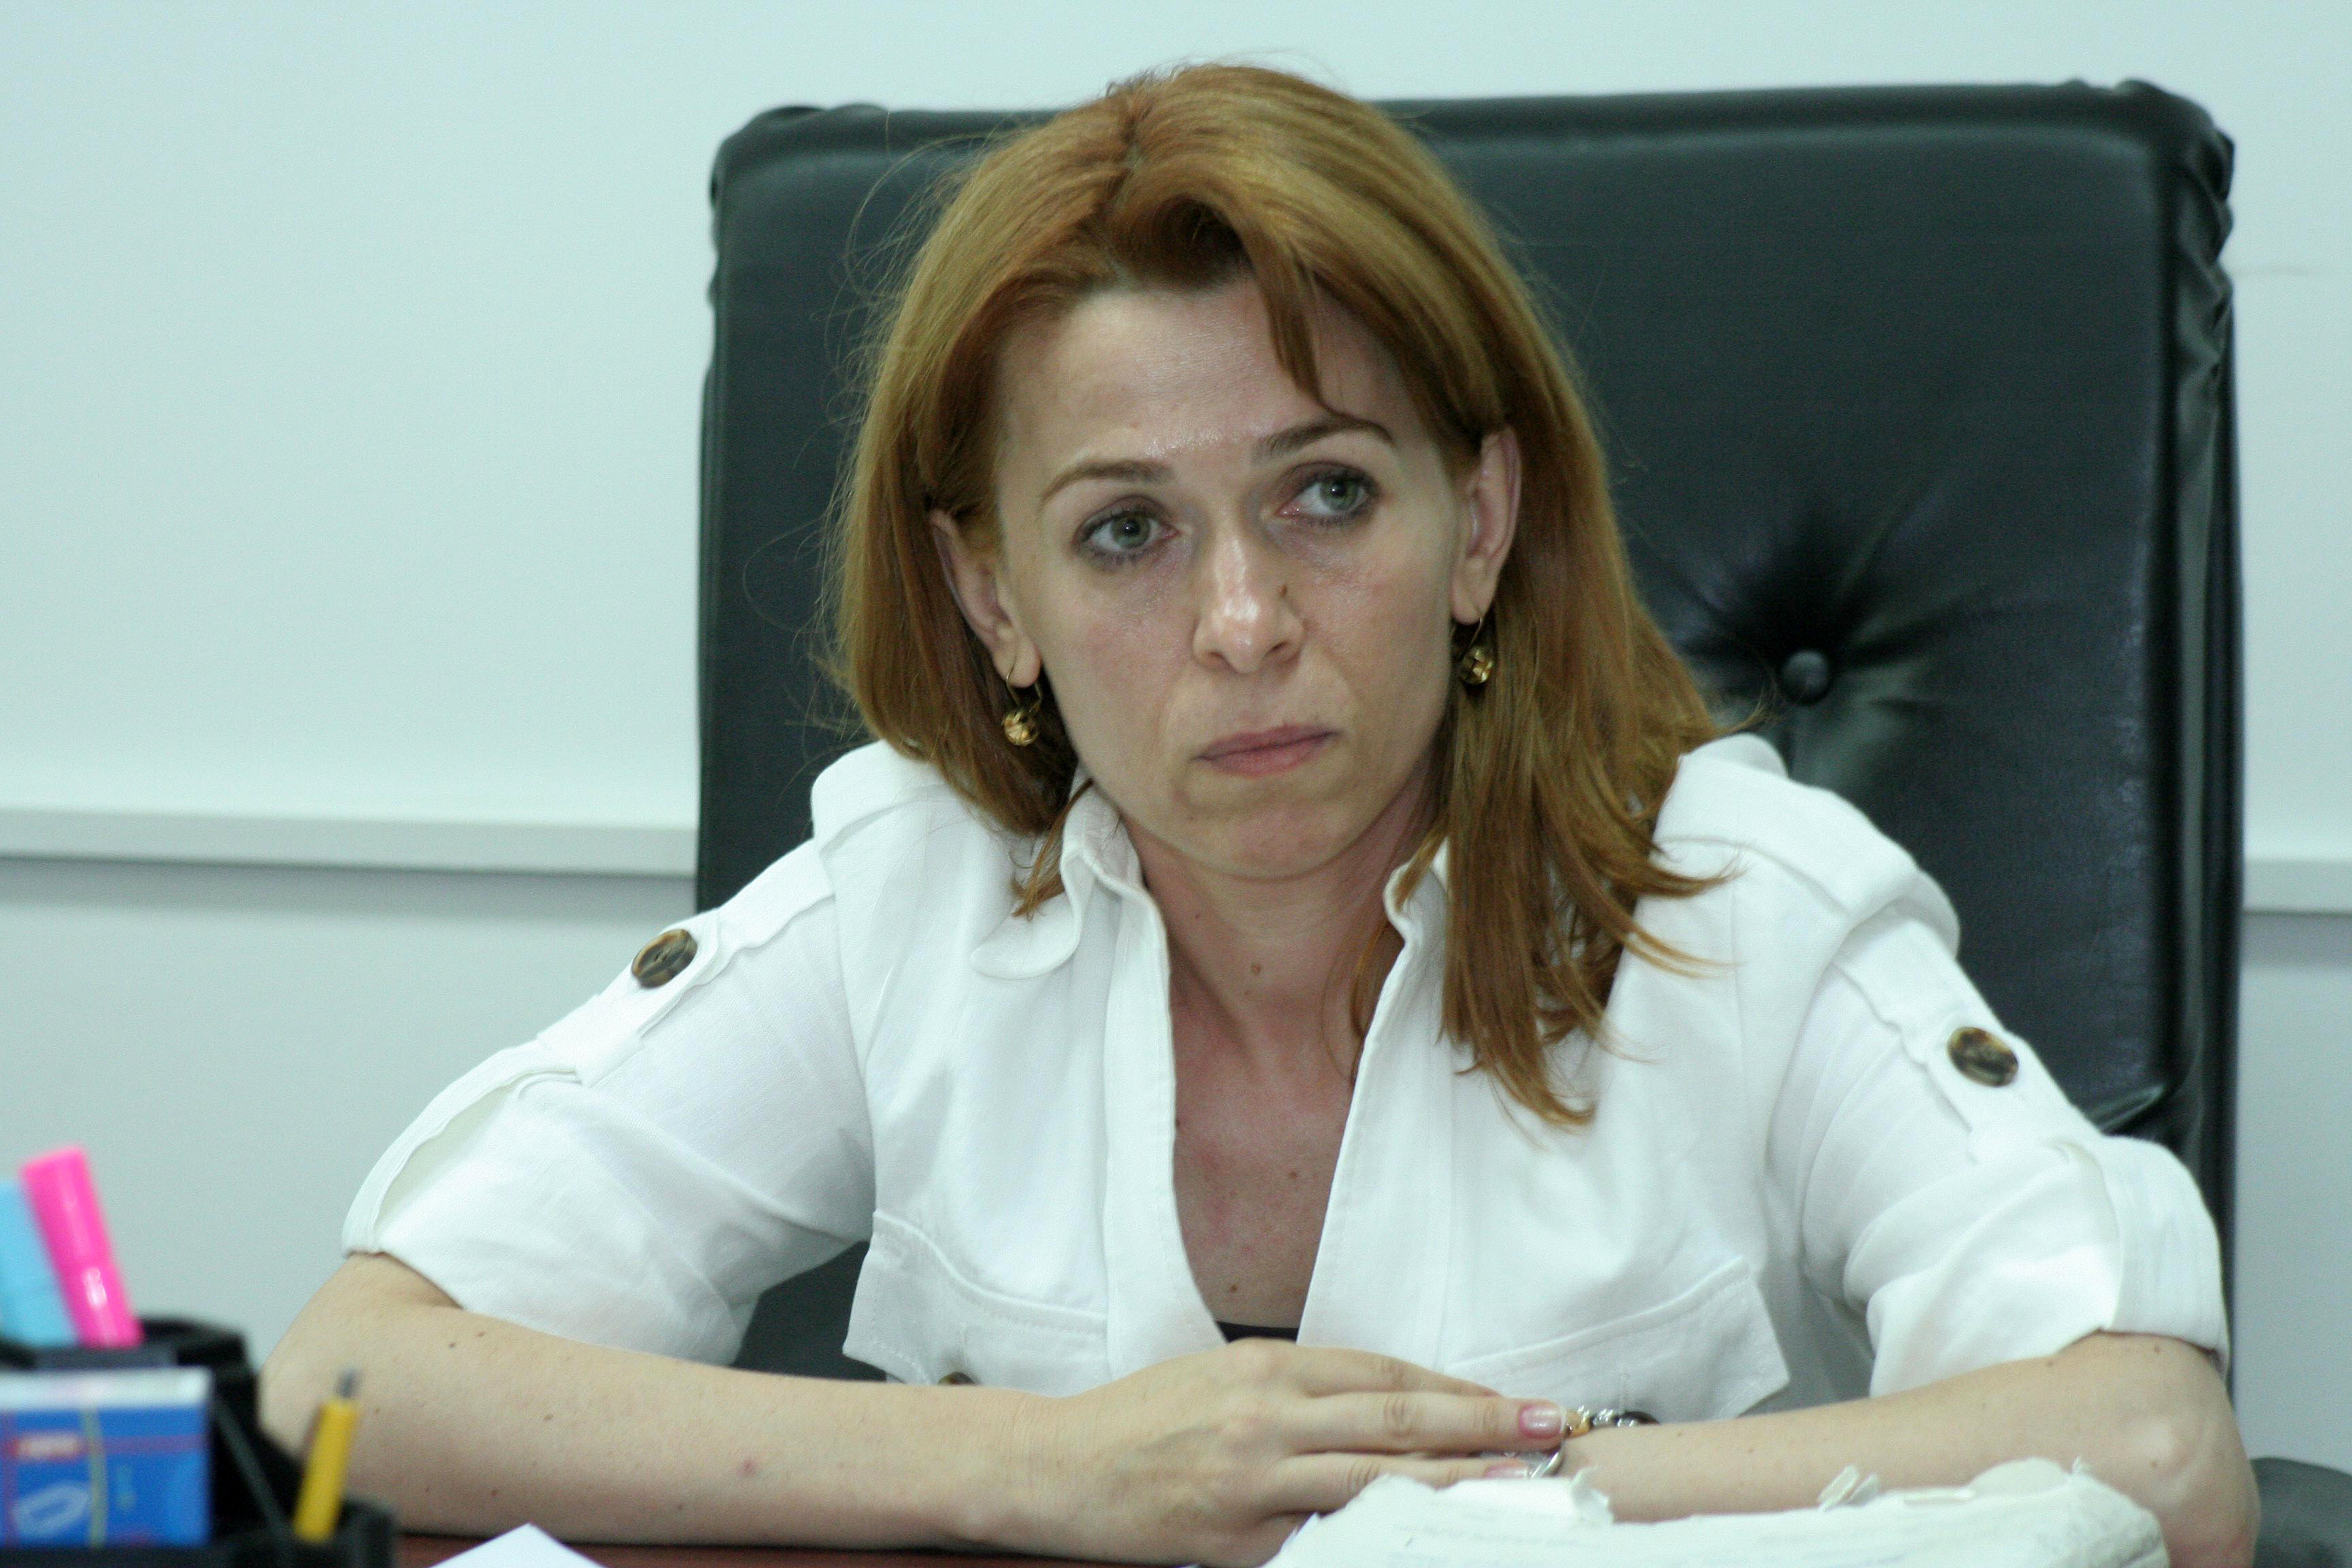 Augustin Lazăr: Mihaela Focică a depus plângere penală la Parchetul General pentru şantaj. A fost înregistrat dosar